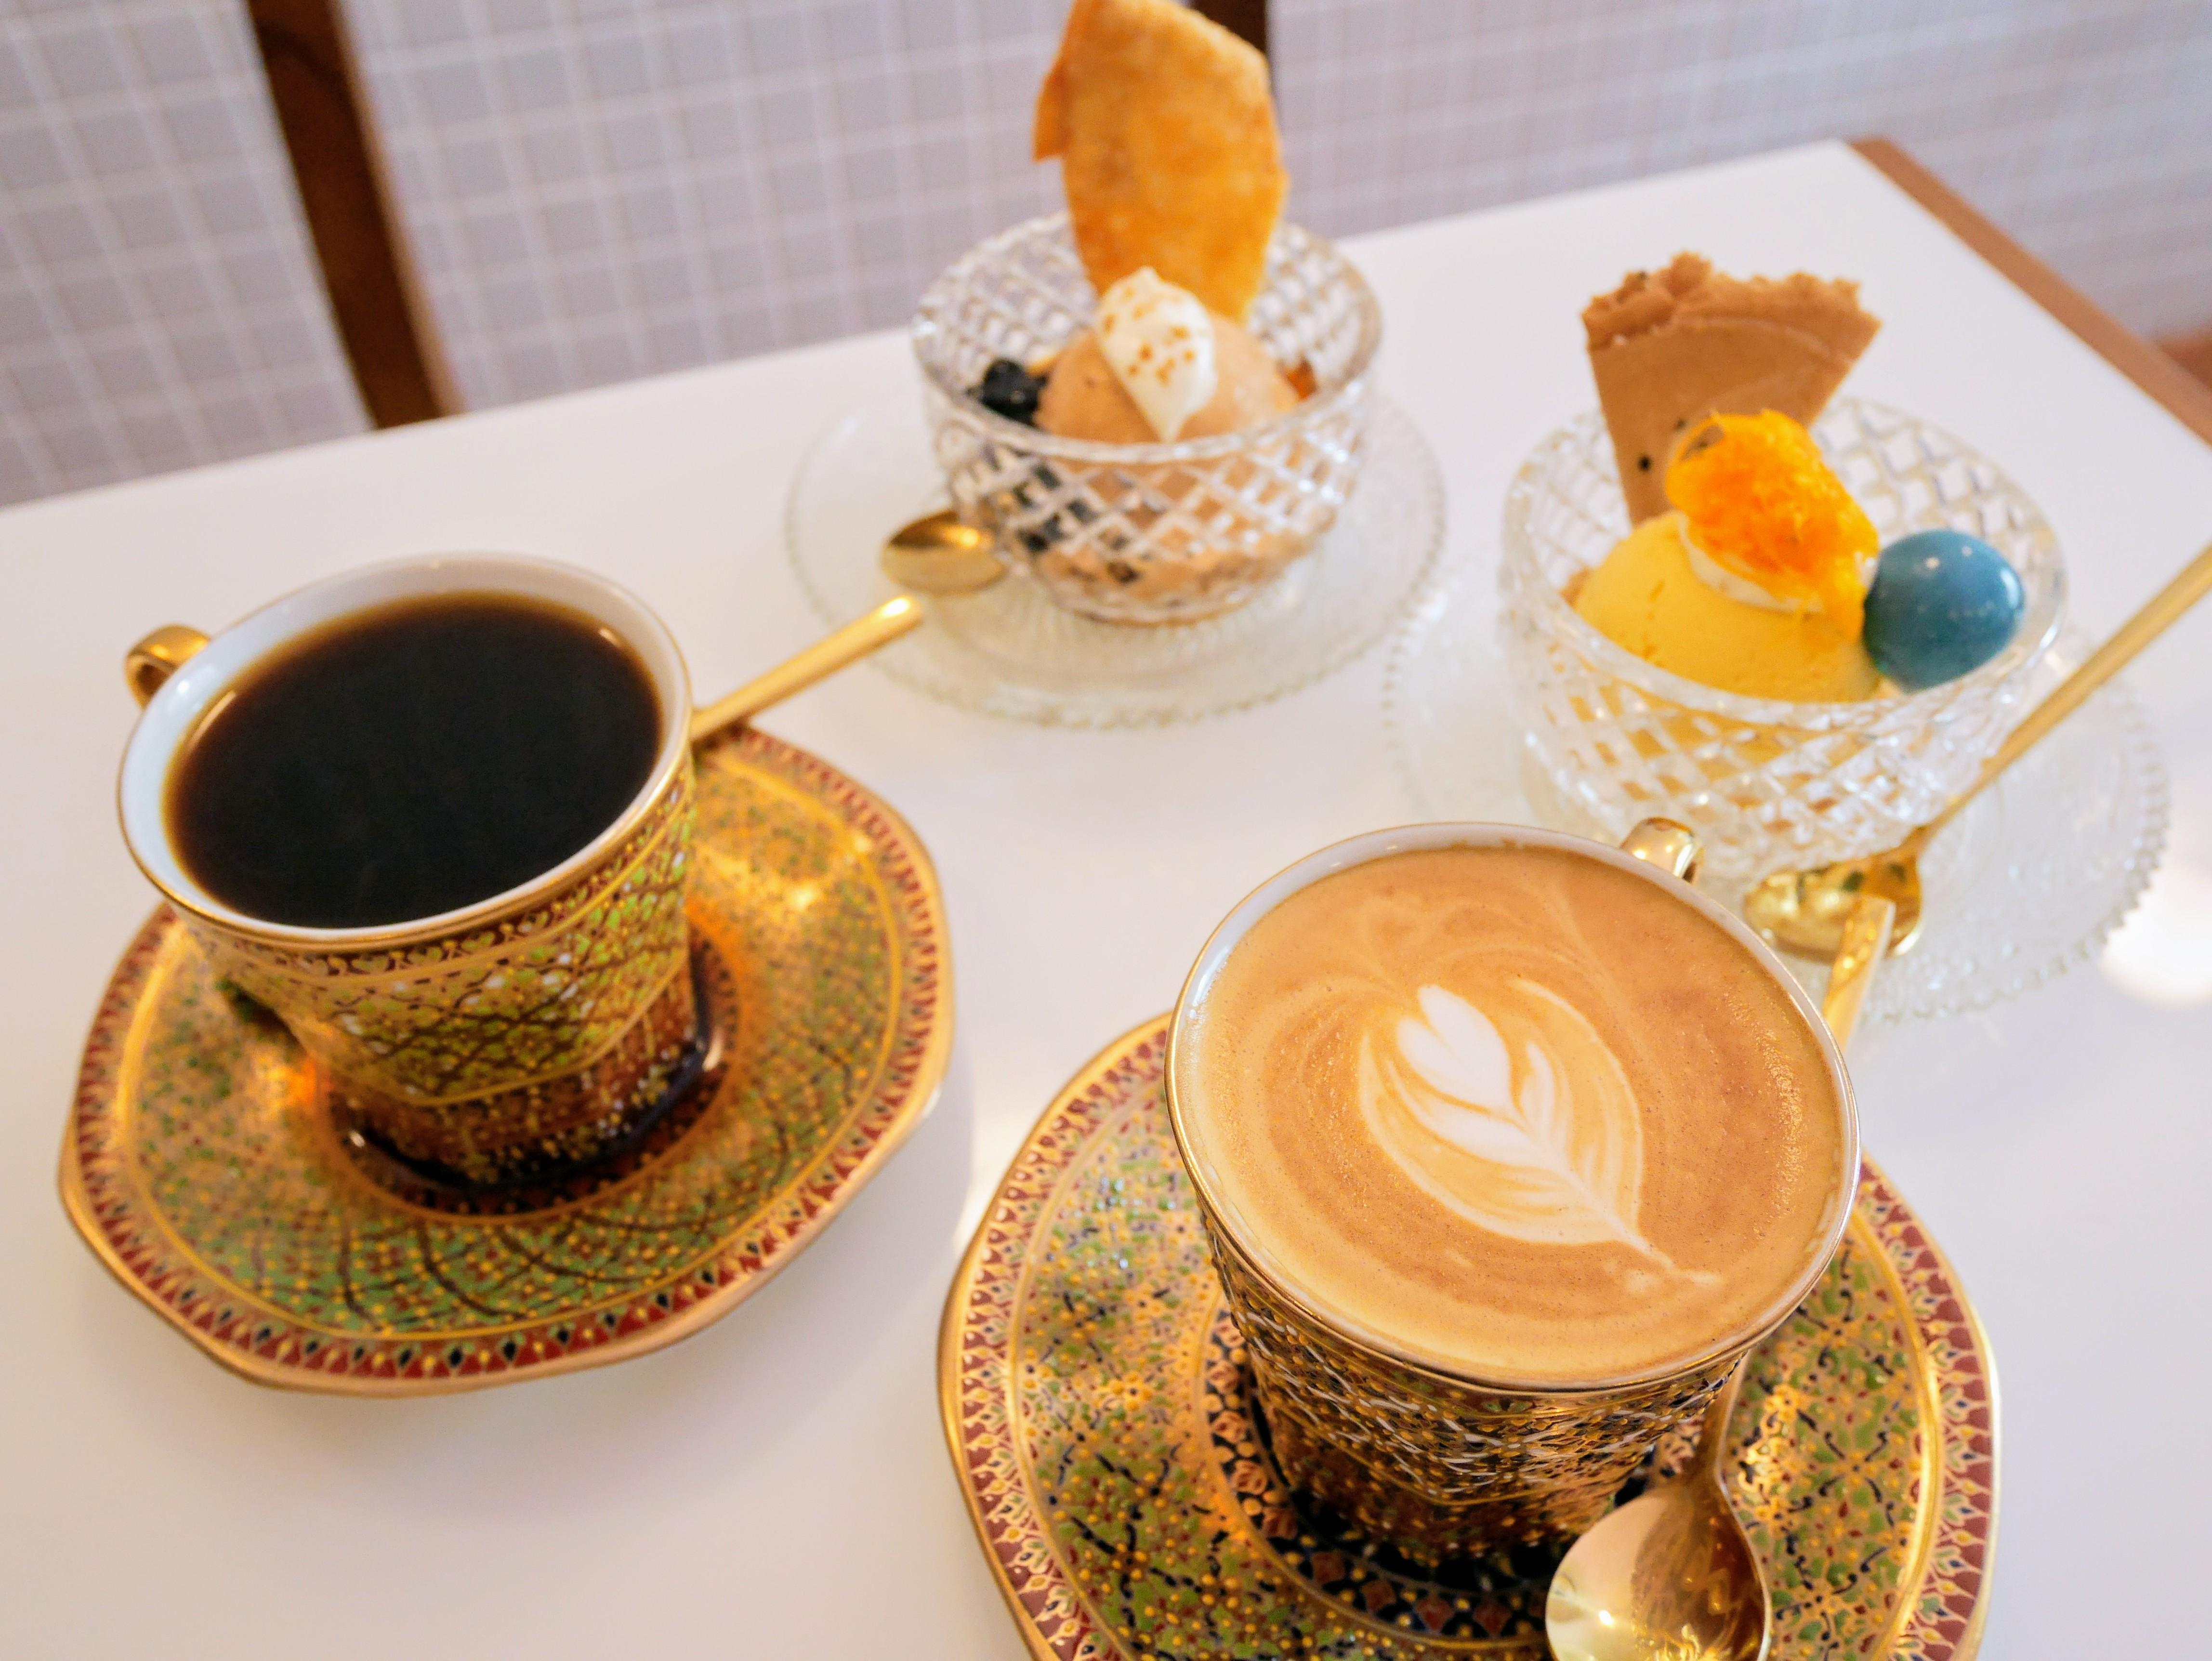 【オープンしたばかり!タイのアイスクリームショップ】Onedee Cafe(ワンディーカフェ)@アーリー